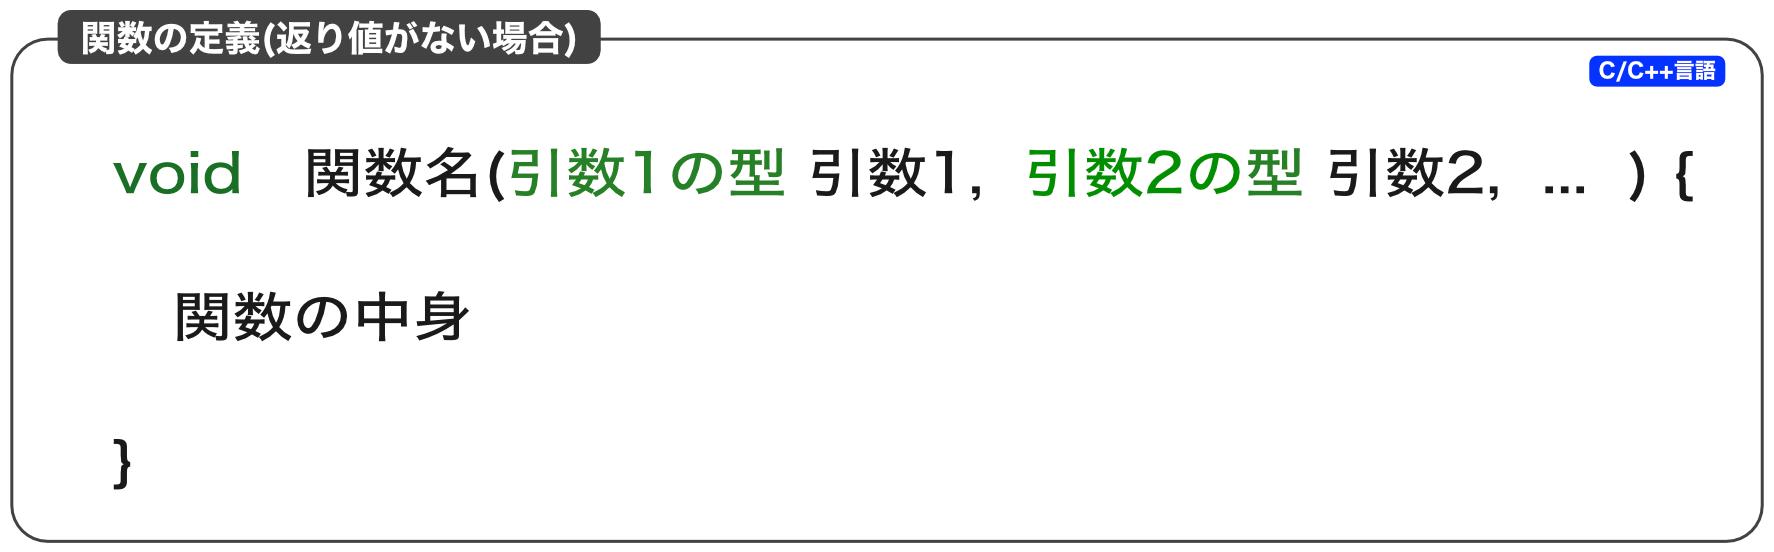 関数定義(返り値なし)